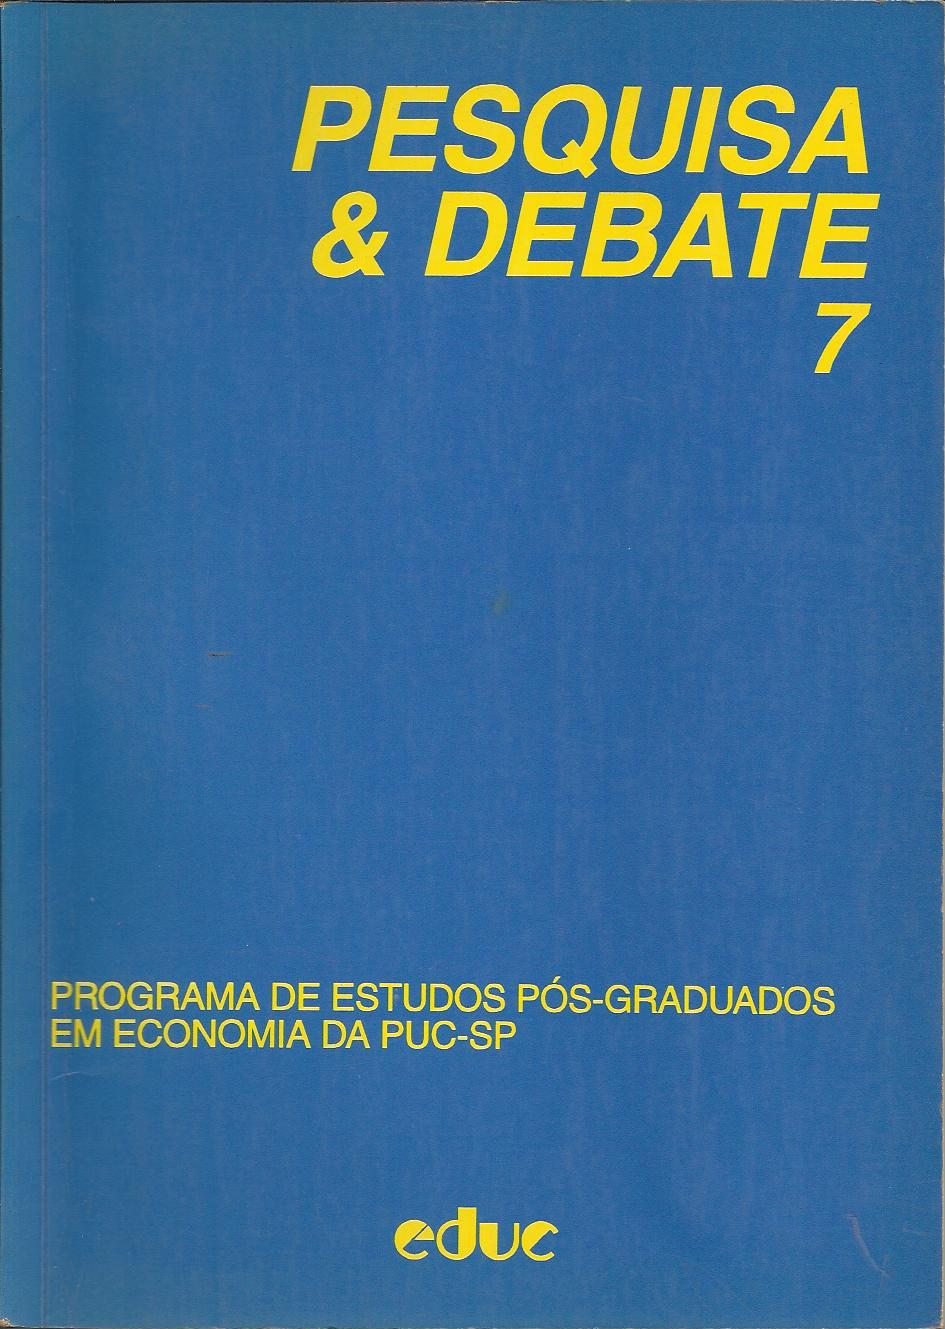 Pesq&Debate